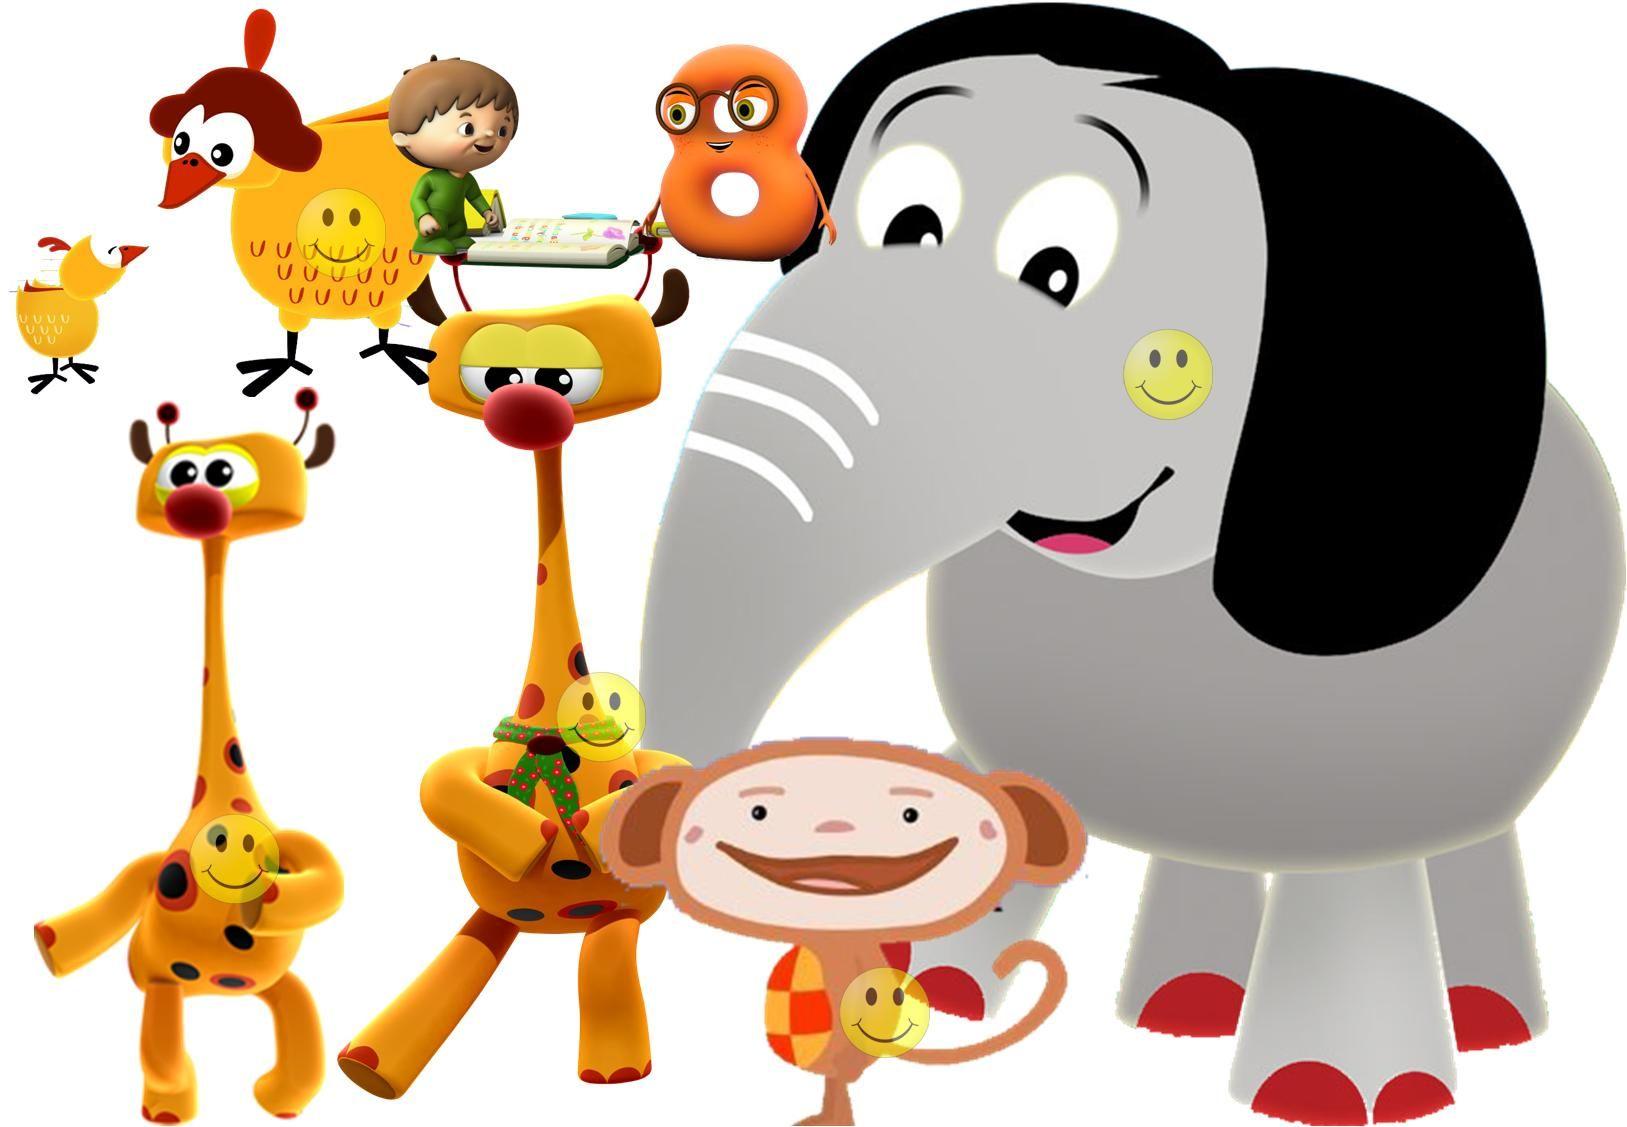 Tarjetas De Cumpleanos Baby Tv Para Imprimir En Hd 24 En Hd Gratis Tarjetas De Cumpleanos Cumpleanos Ninos Tarjetas